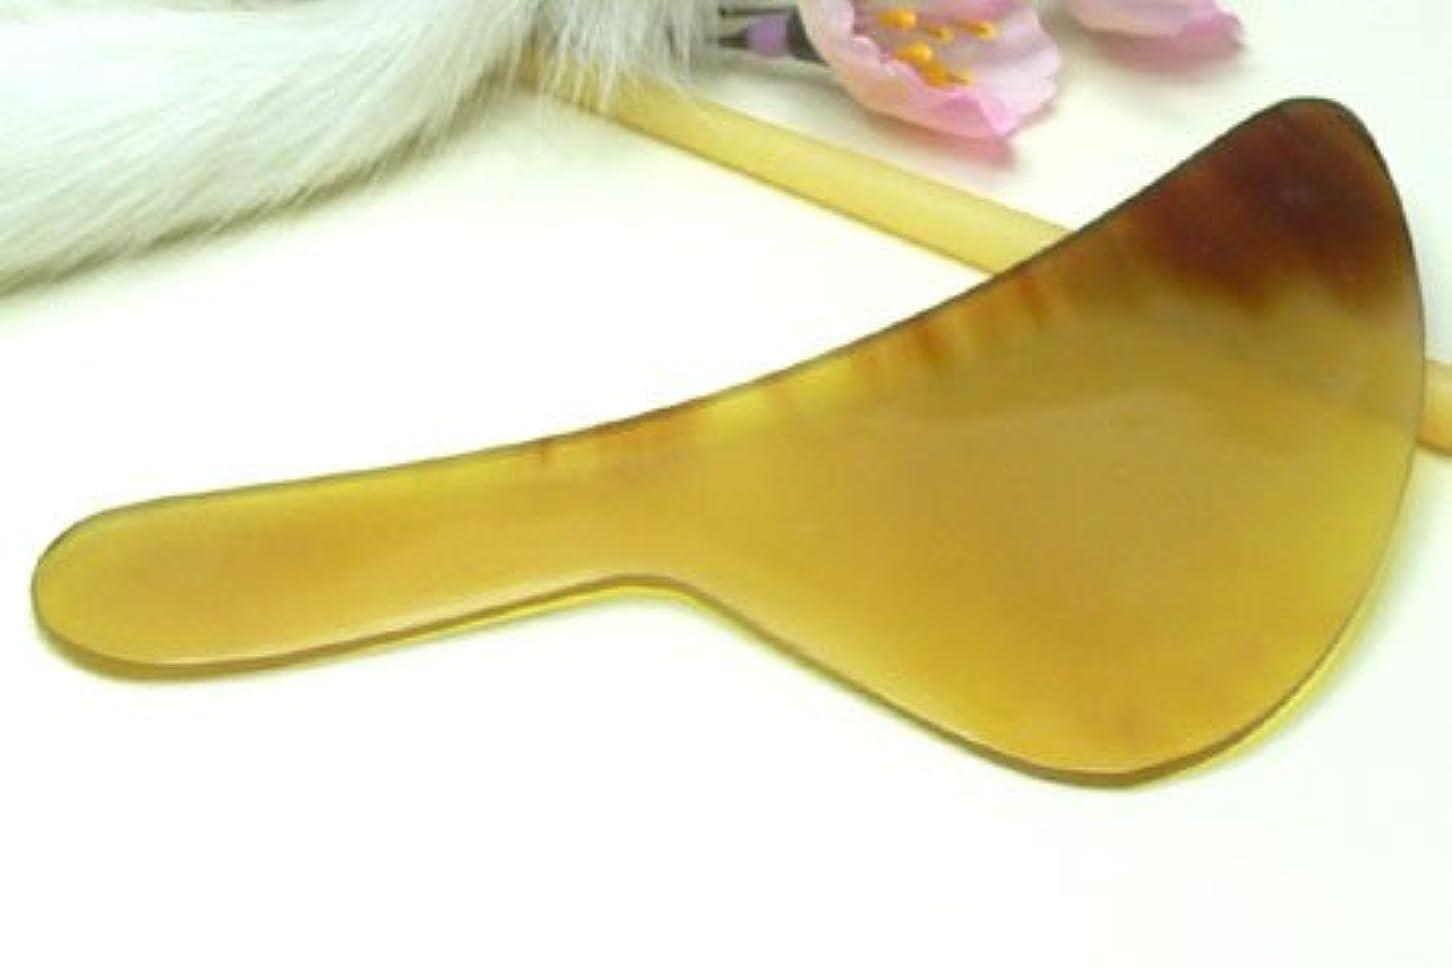 代替案うぬぼれたかまどかっさ板、美容、刮莎板、グアシャ板,水牛角製